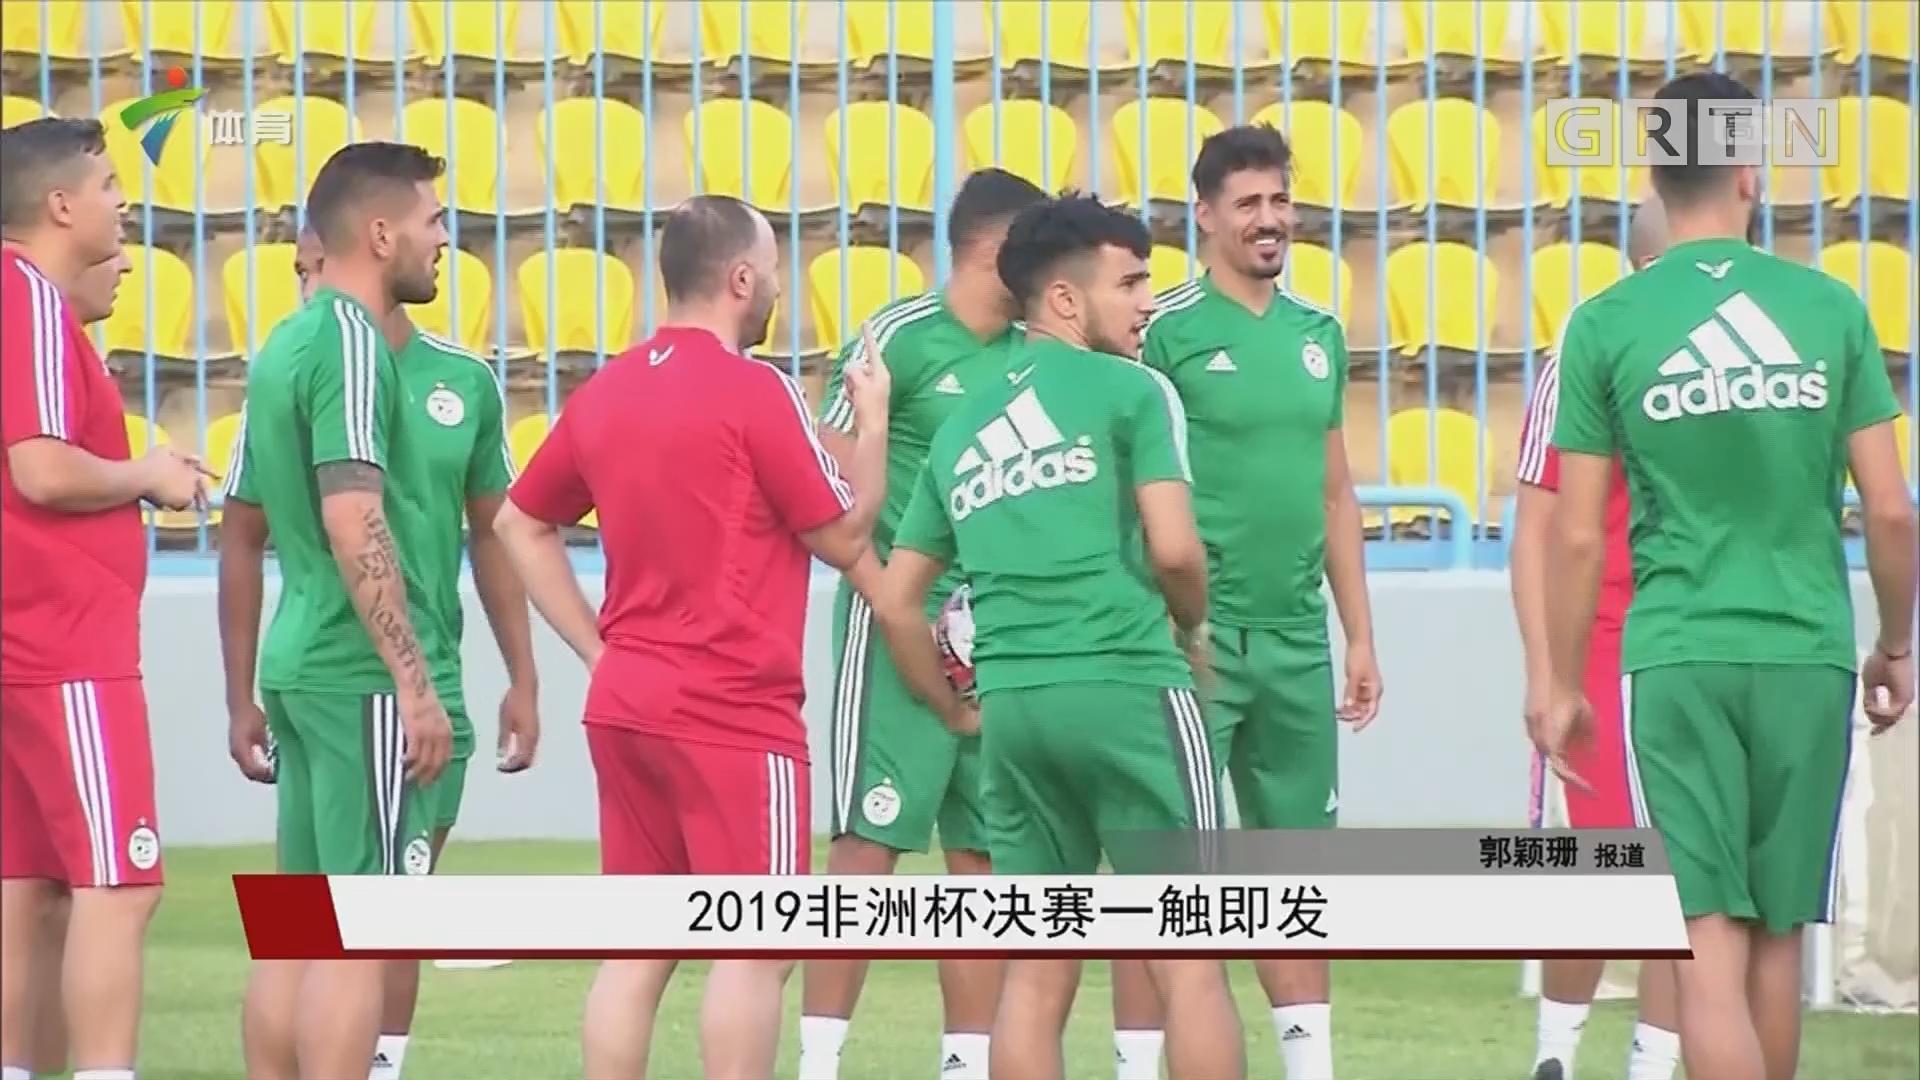 2019非洲杯决赛一触即发